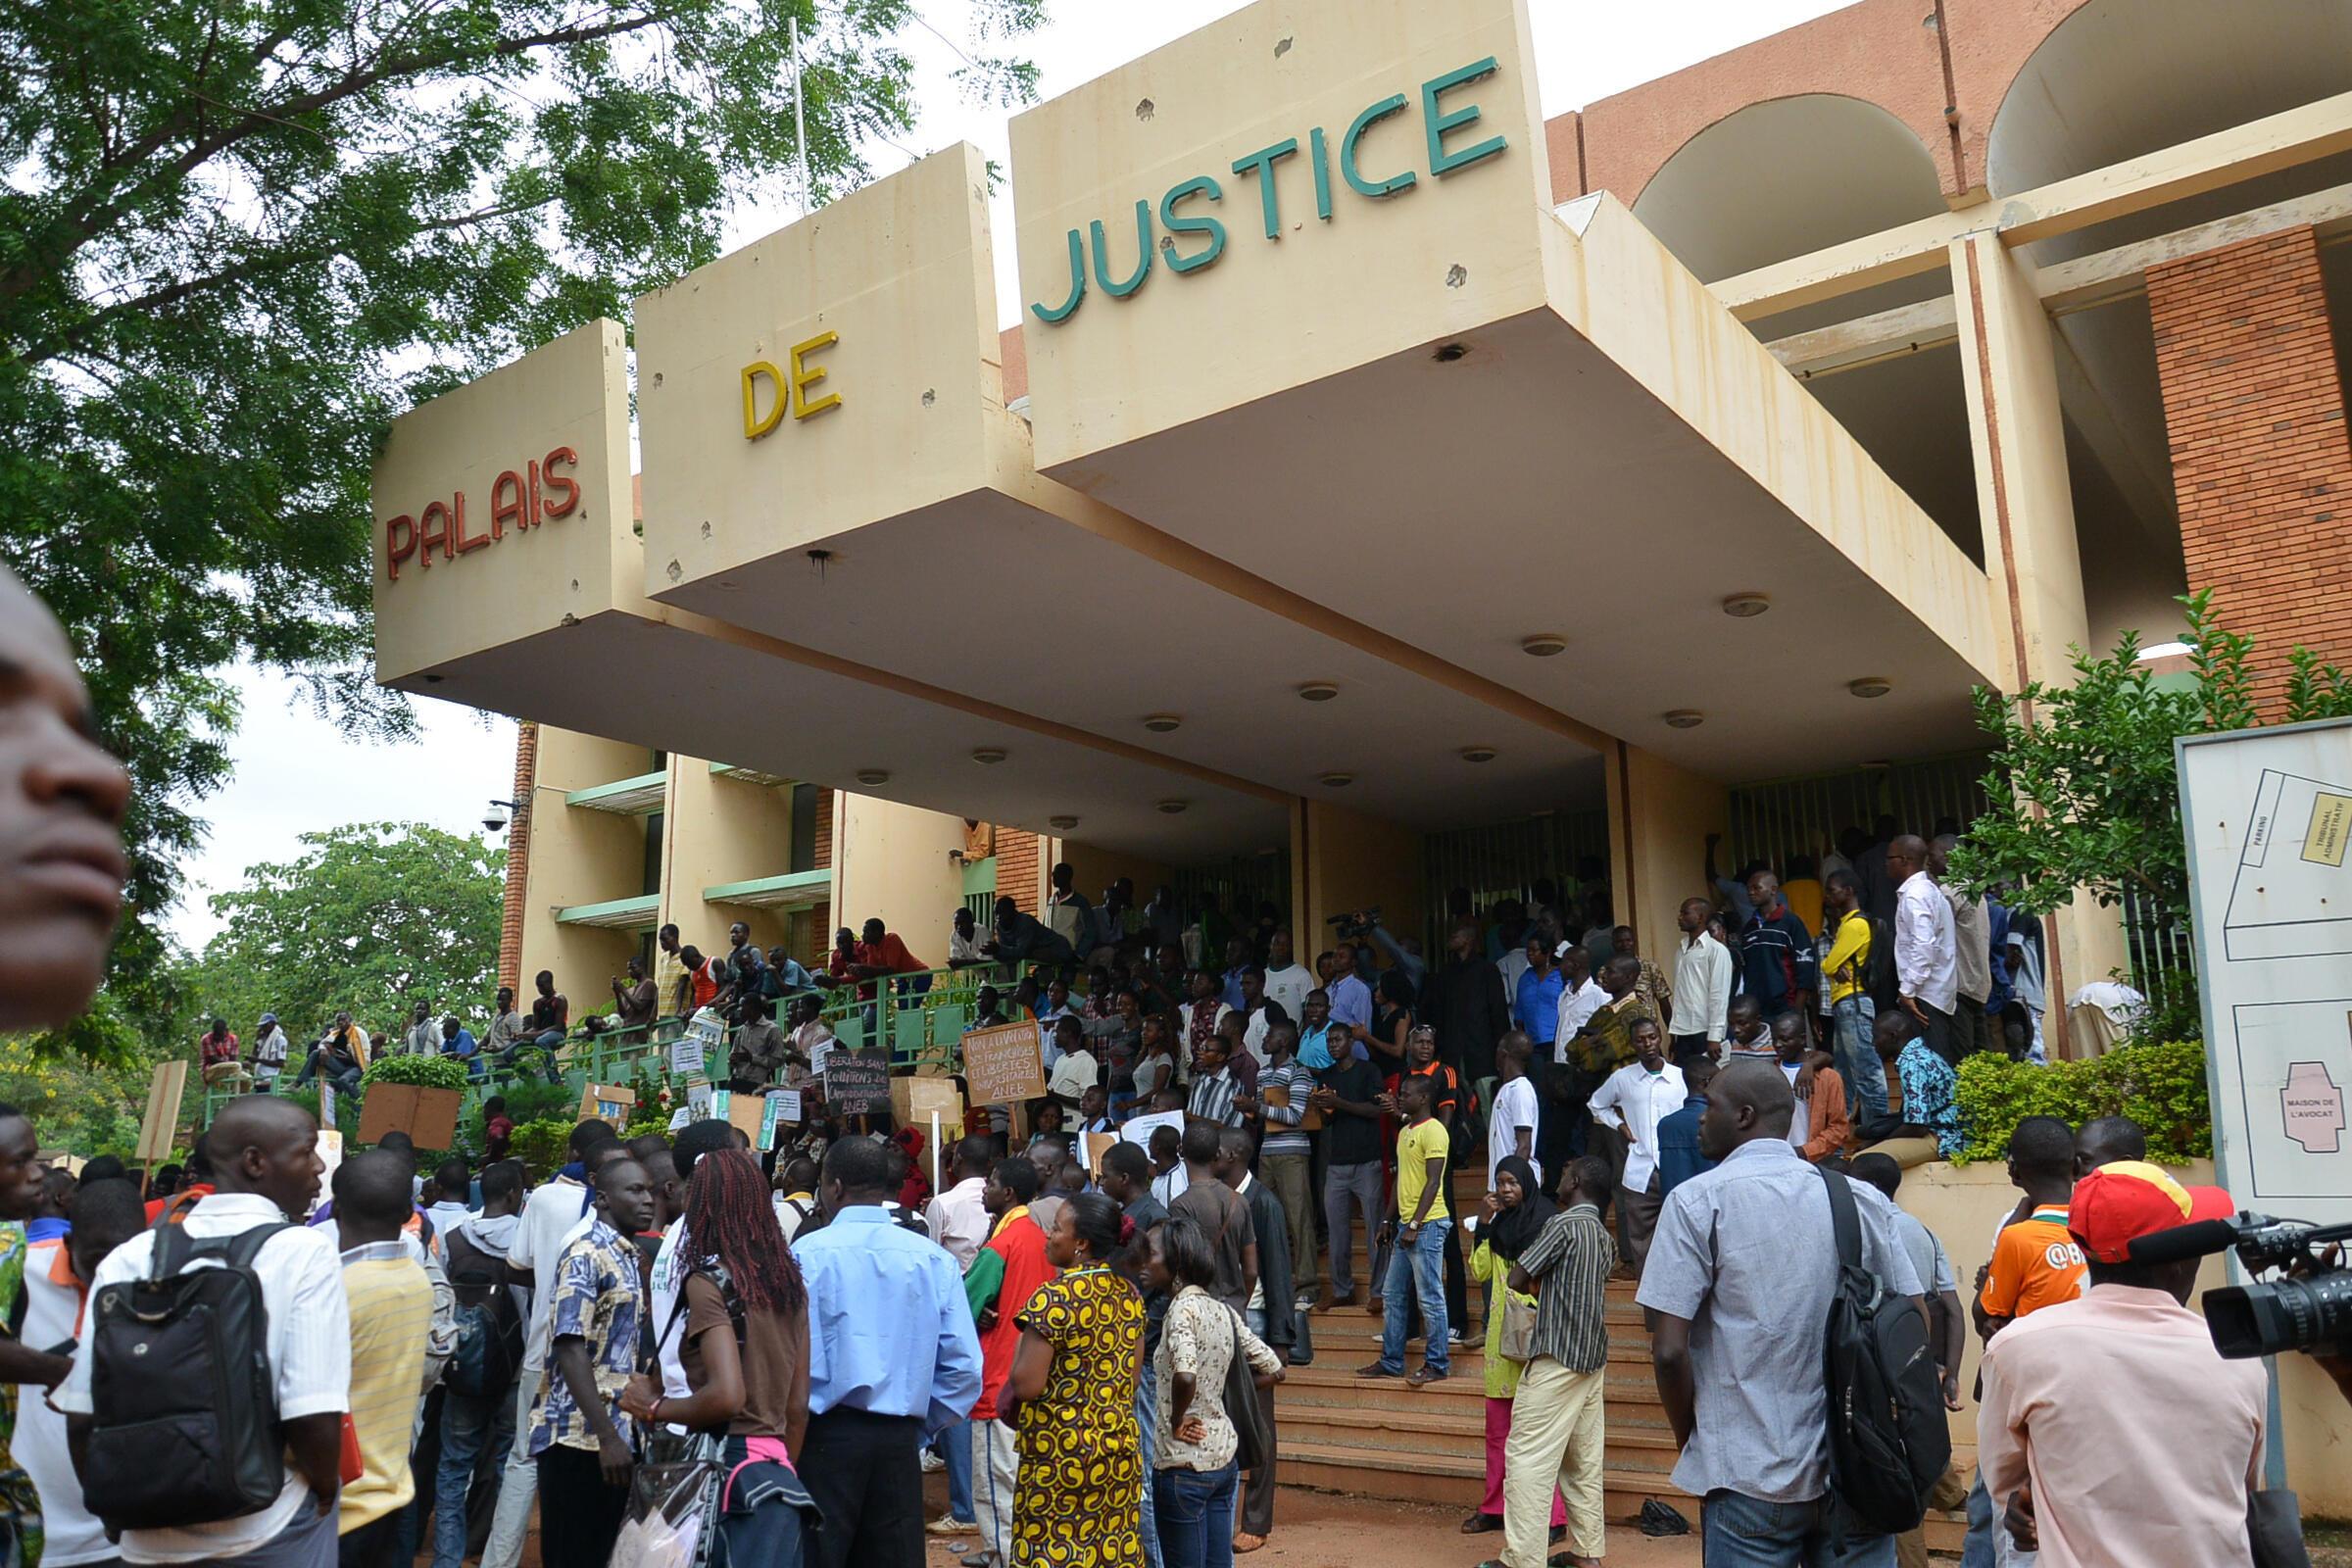 La palais de justice de Ouagadougou en 2013 (photo d'illustration).